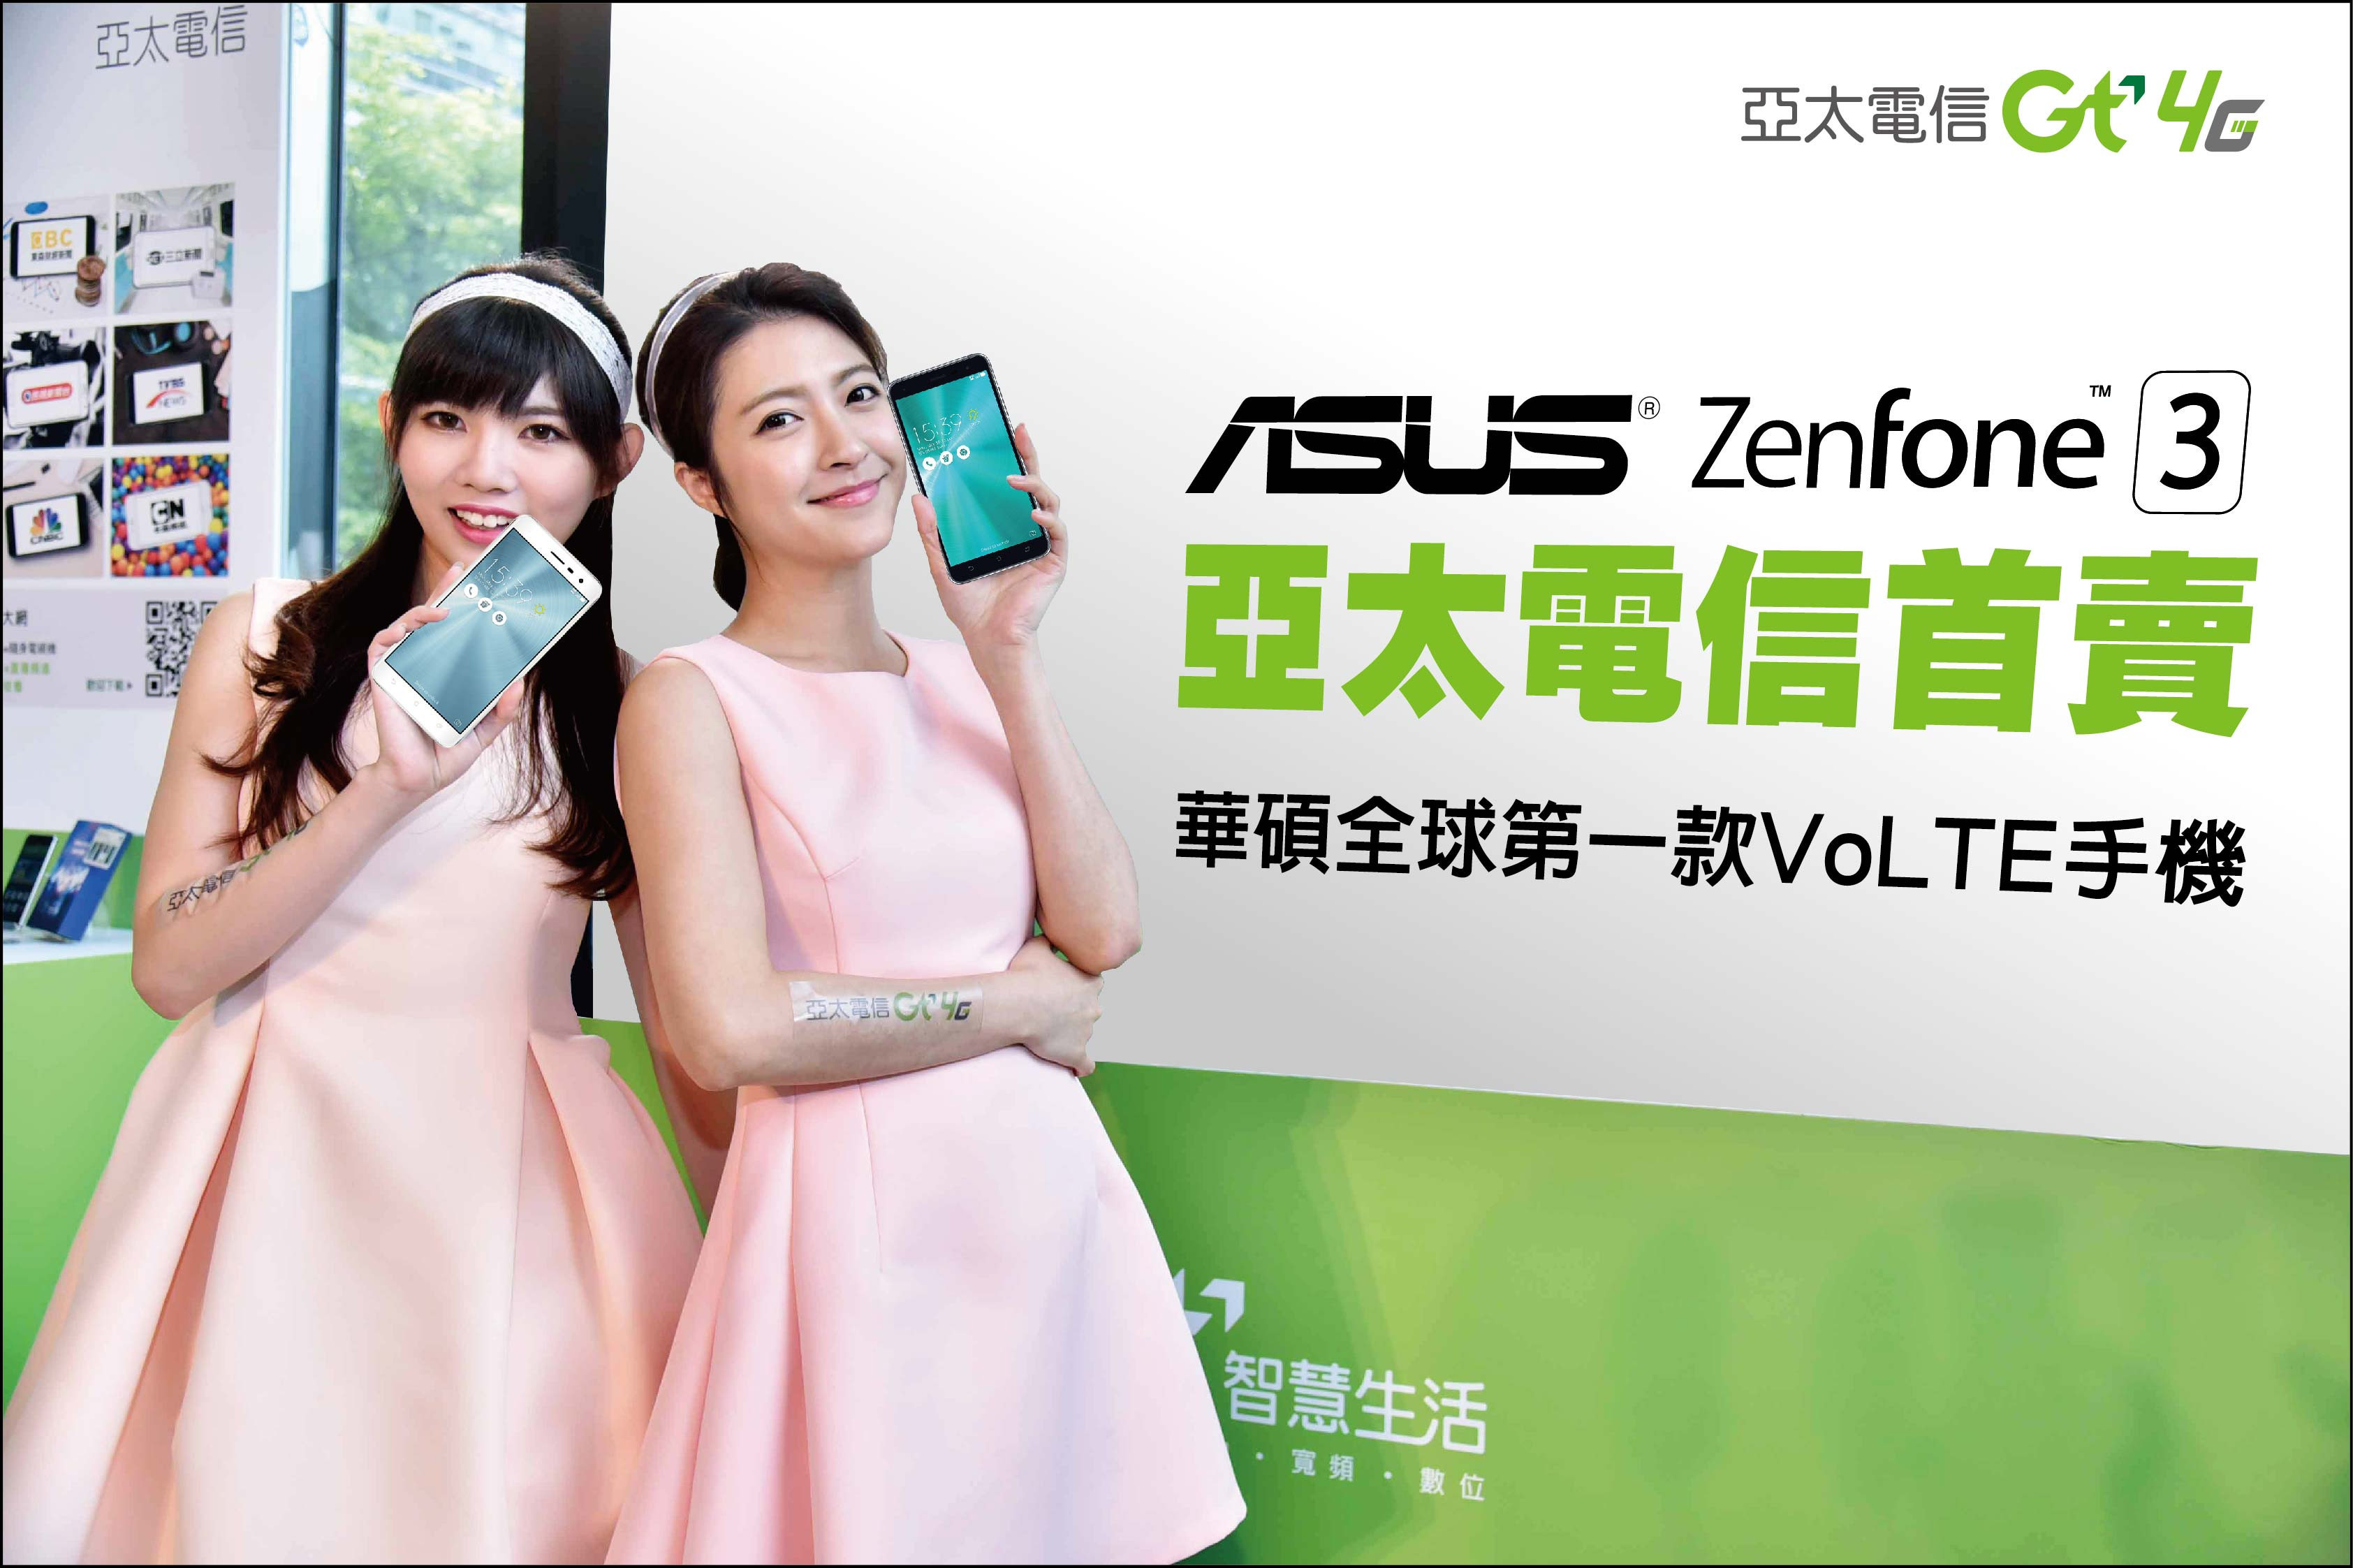 是更清晰的通話品質,華碩全球第一款VoLTE手機在亞太電信正式開賣這篇文章的首圖